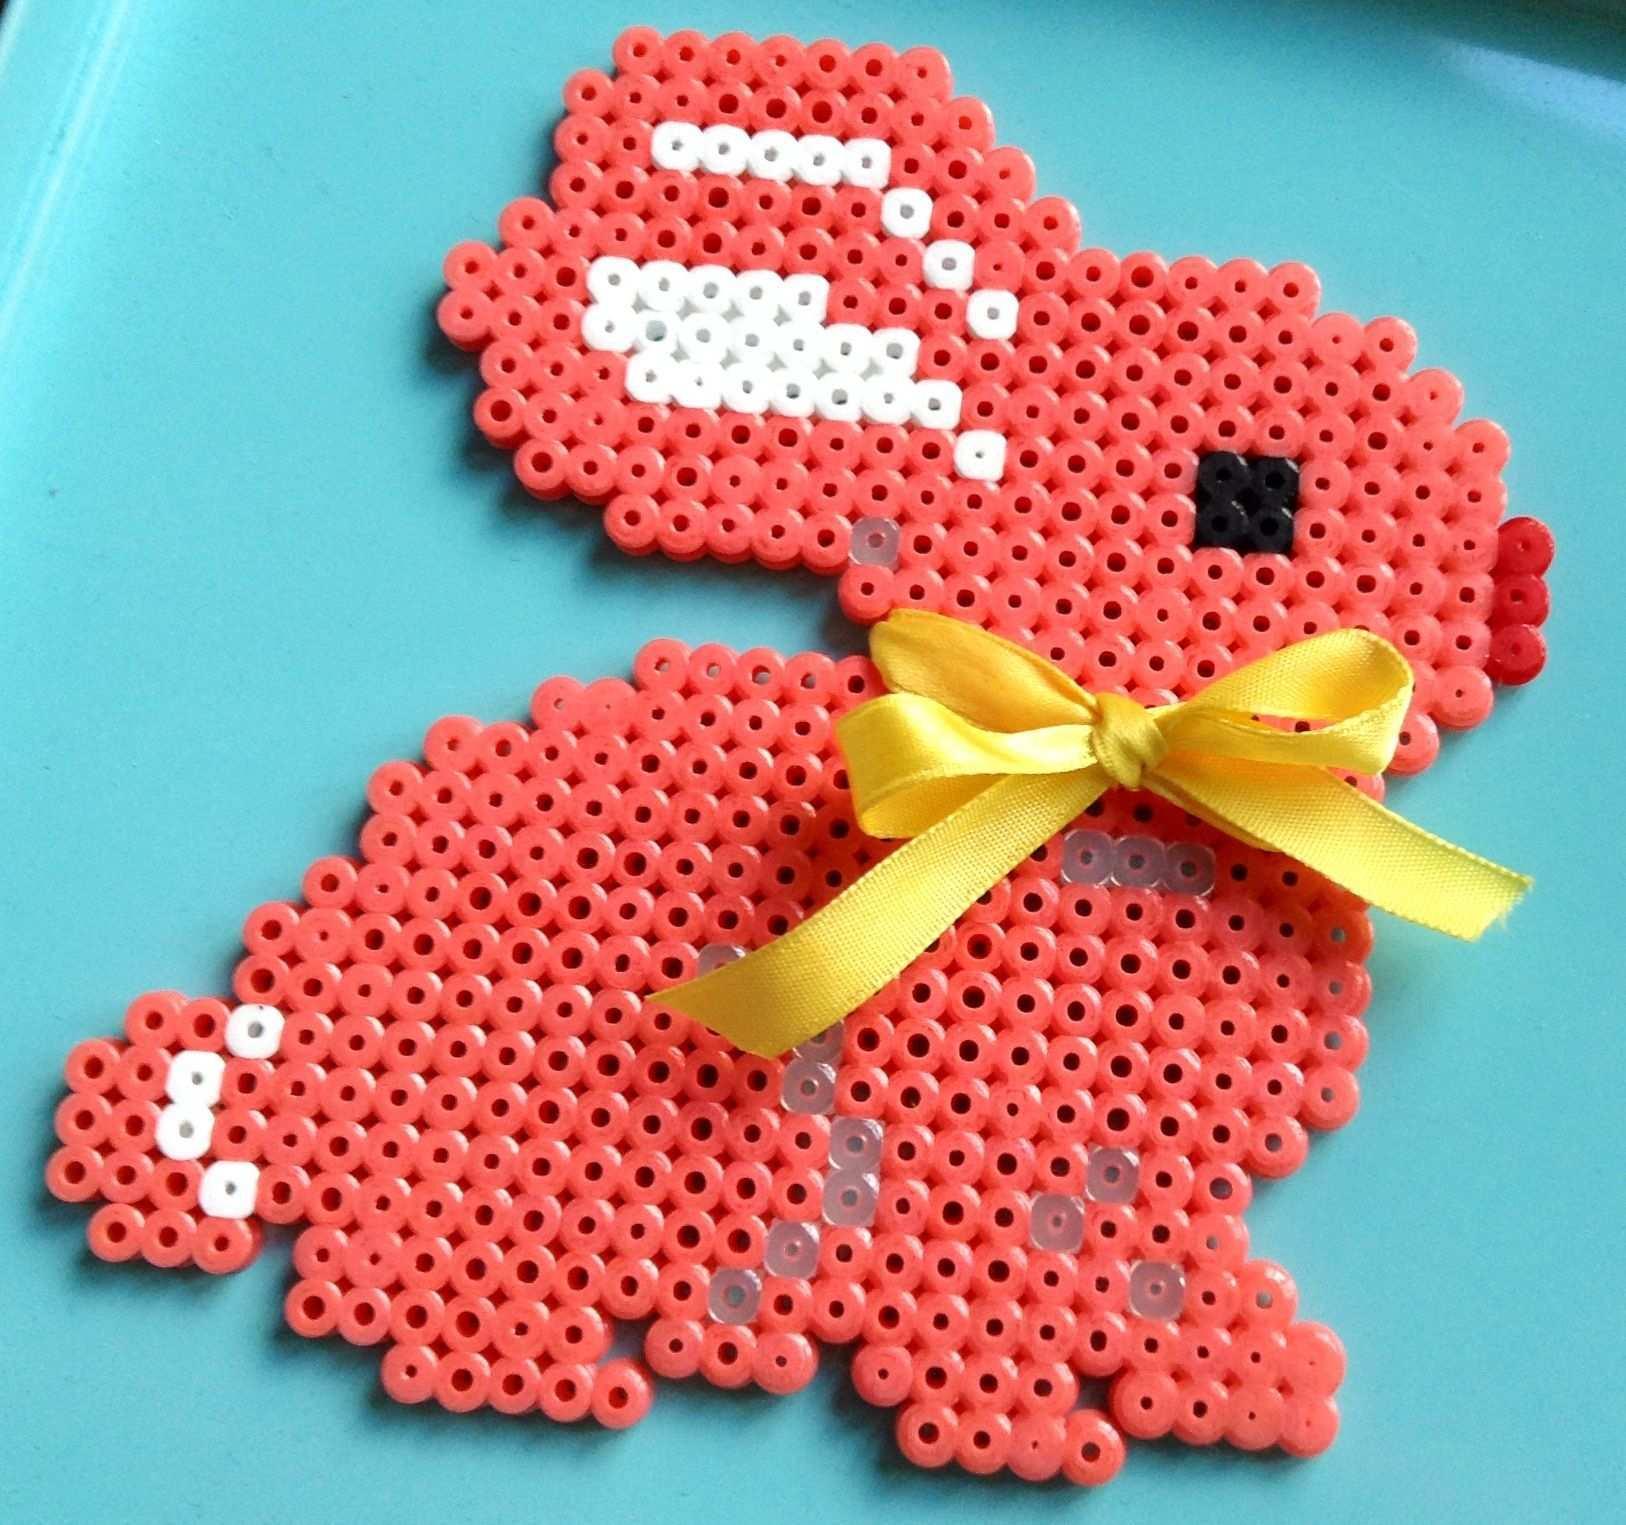 Pin Von Michelle Smith Auf Hama Pearler Beads Geschenke Zu Weihnachten Basteln Basteln Bugelperlen Bugelperlen